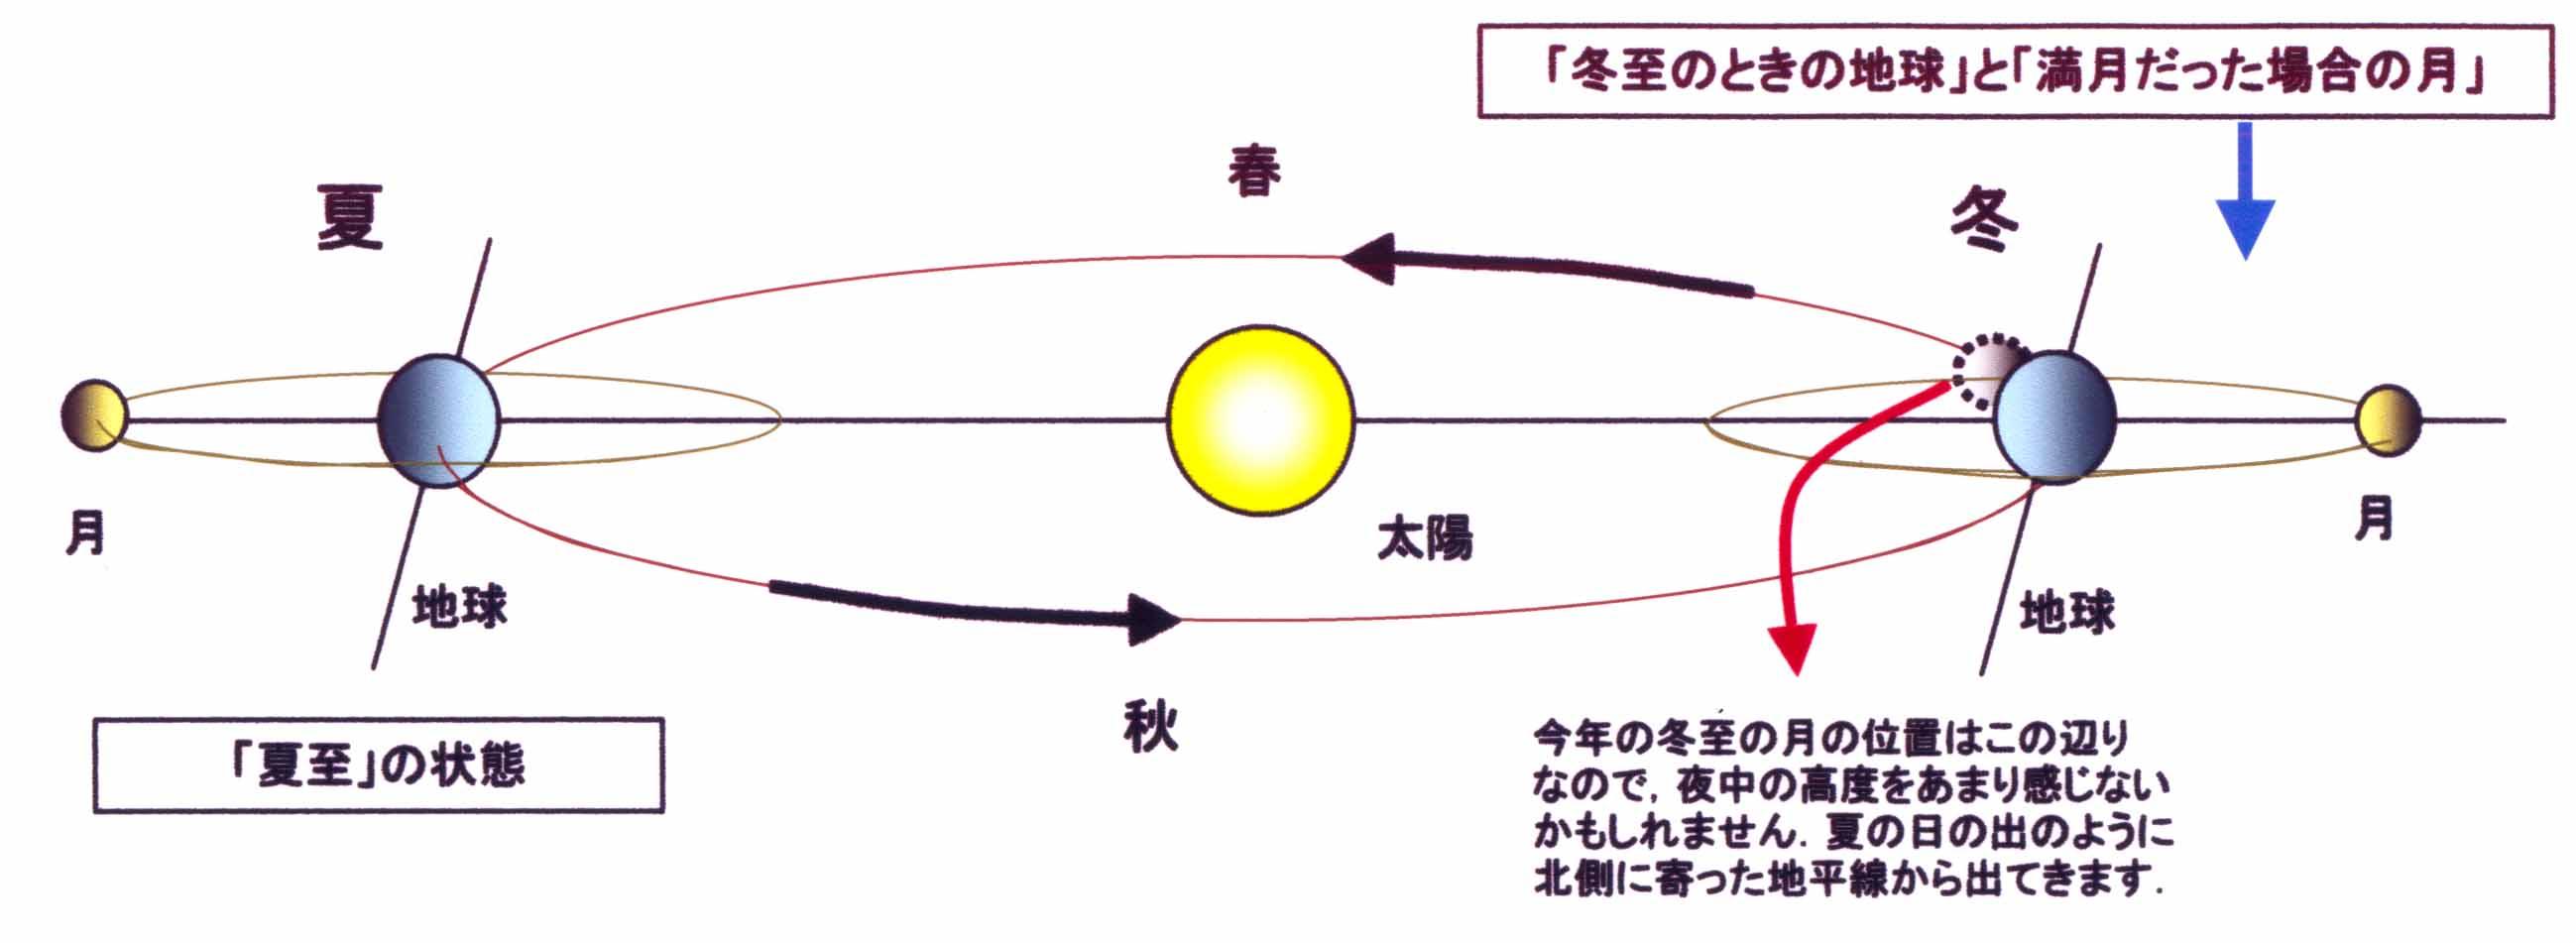 冬至(夏至)の太陽と地球と月の関係図